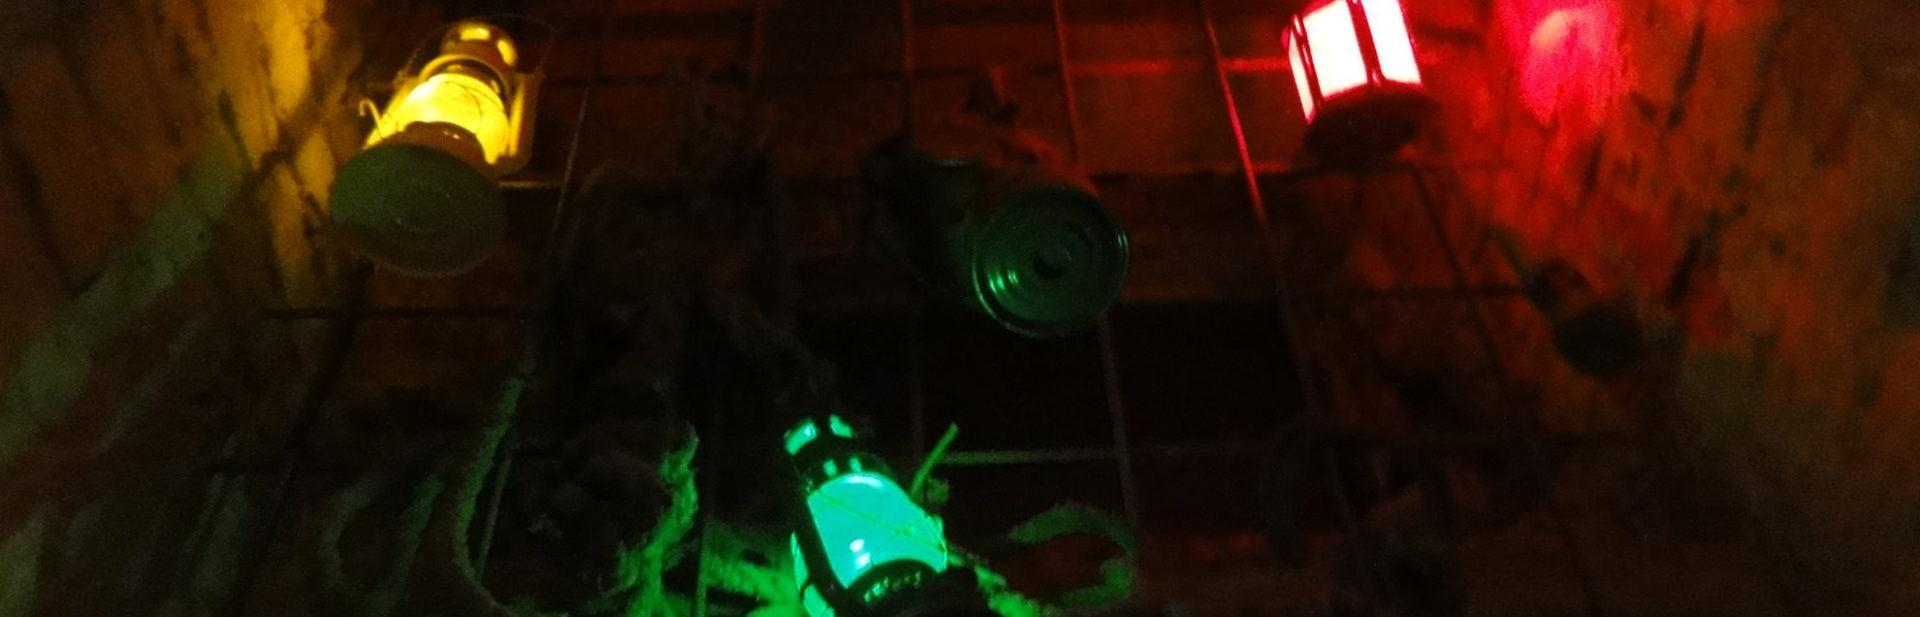 Napuche szabadulószoba lámpák